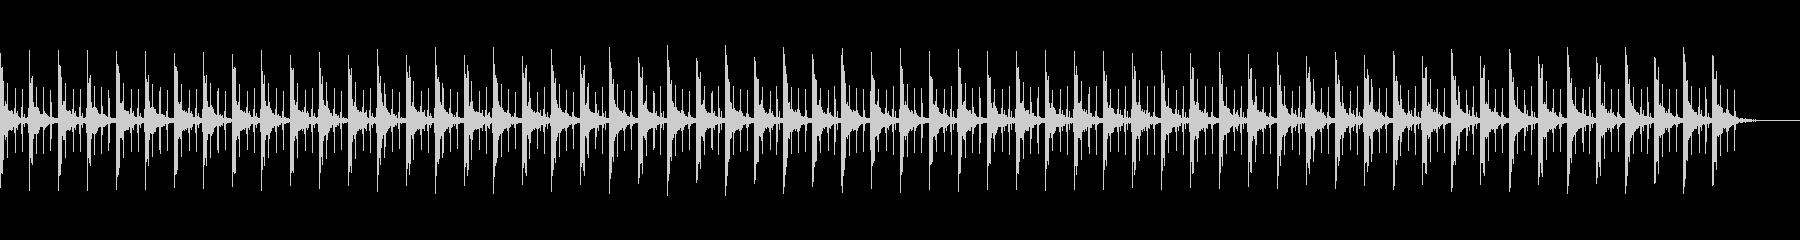 ピッピ+秒針 カウント60秒の未再生の波形